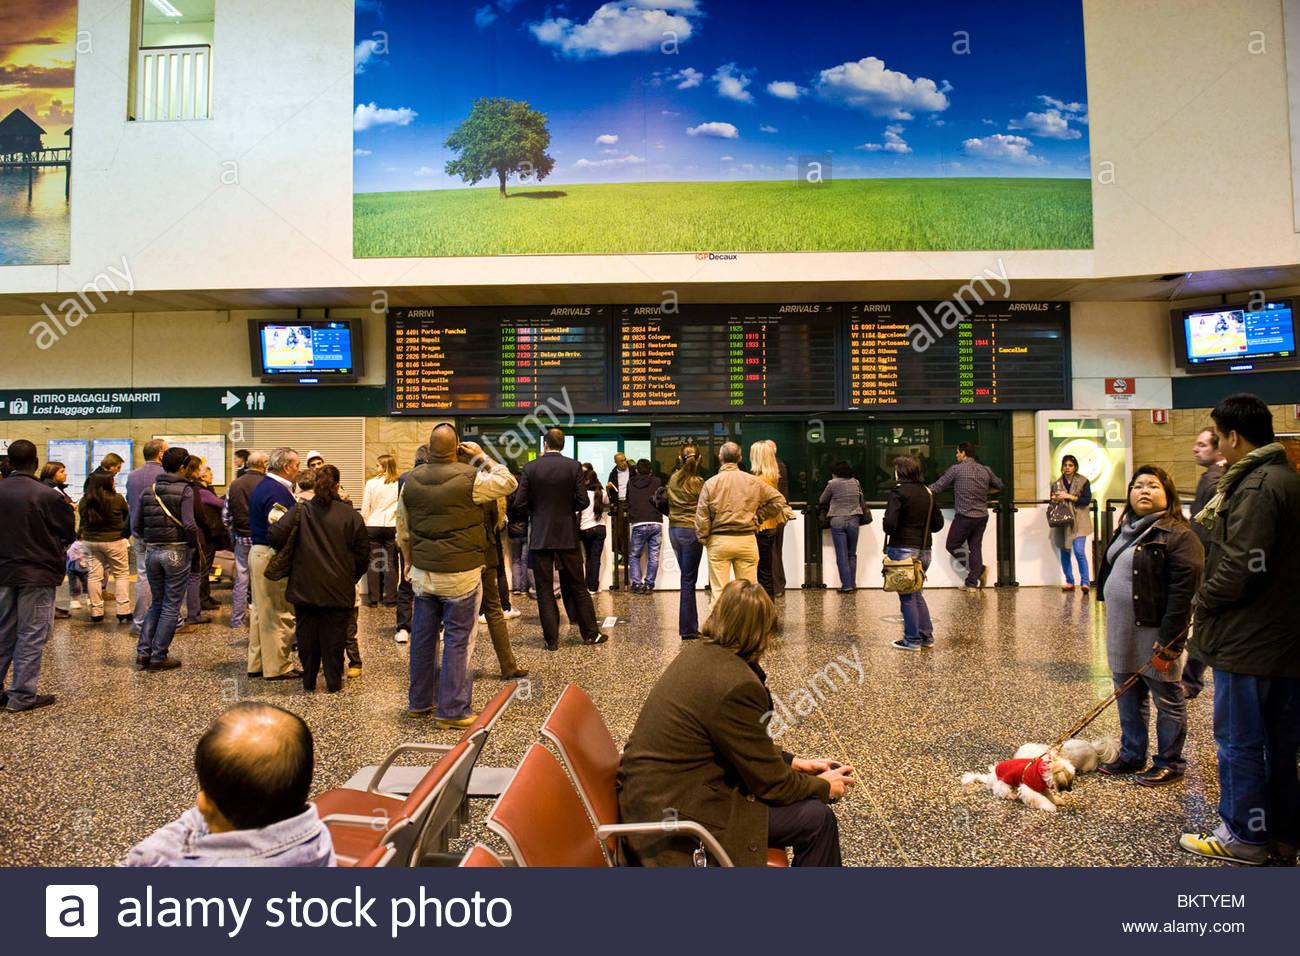 Ankunft Flughafen Milano-Malpensa, Lombardei, Italien Stockbild